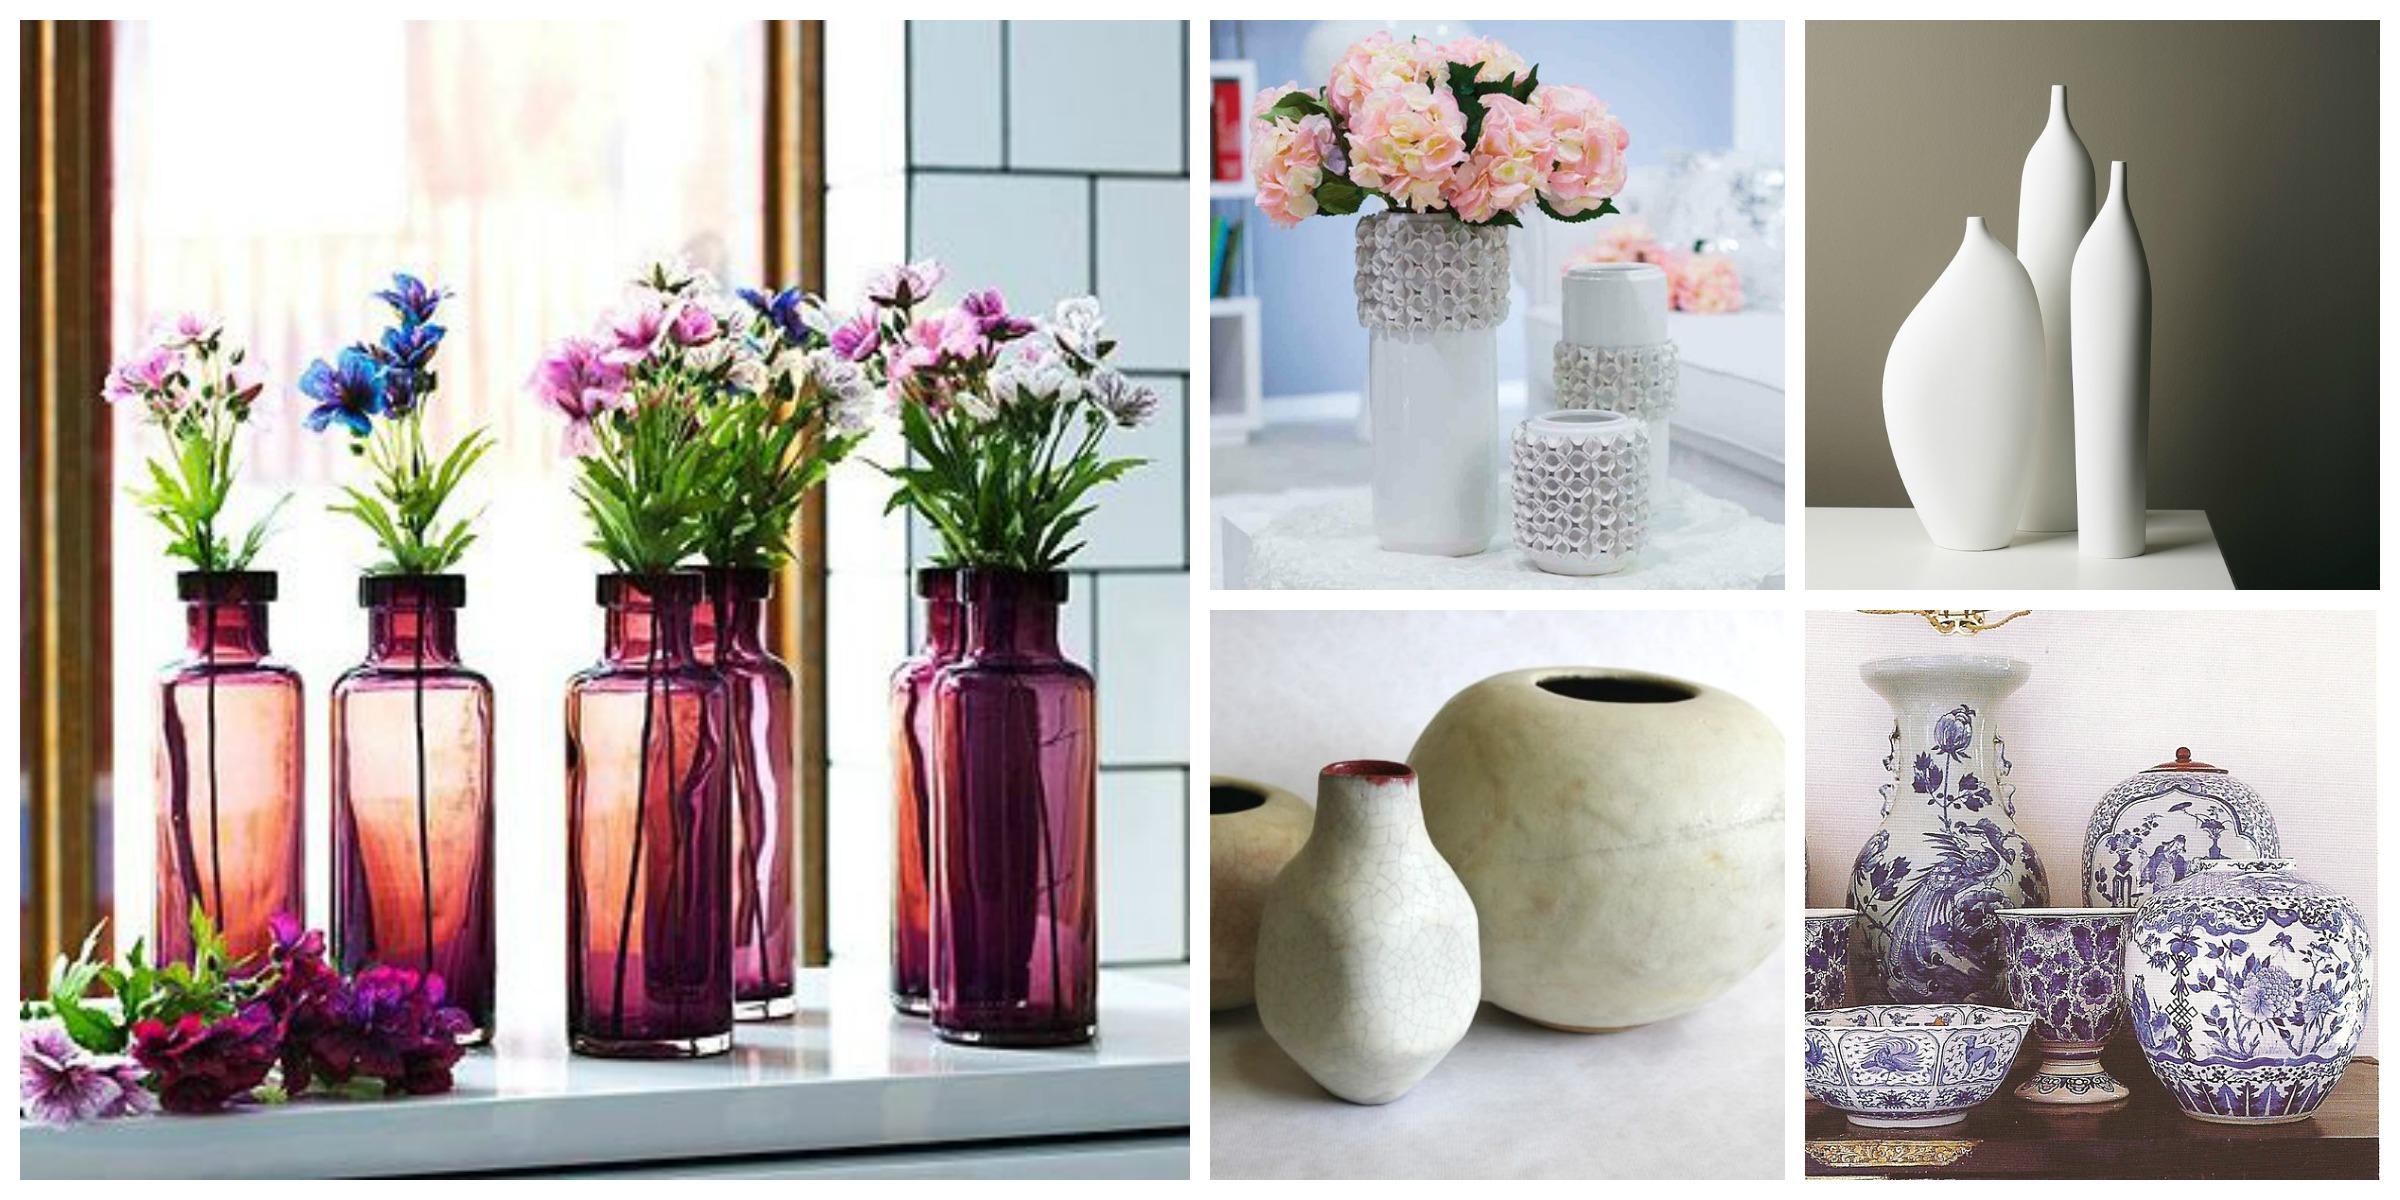 Flores en agua y sint ticas jarrones y floreros for Paginas para decorar tu casa